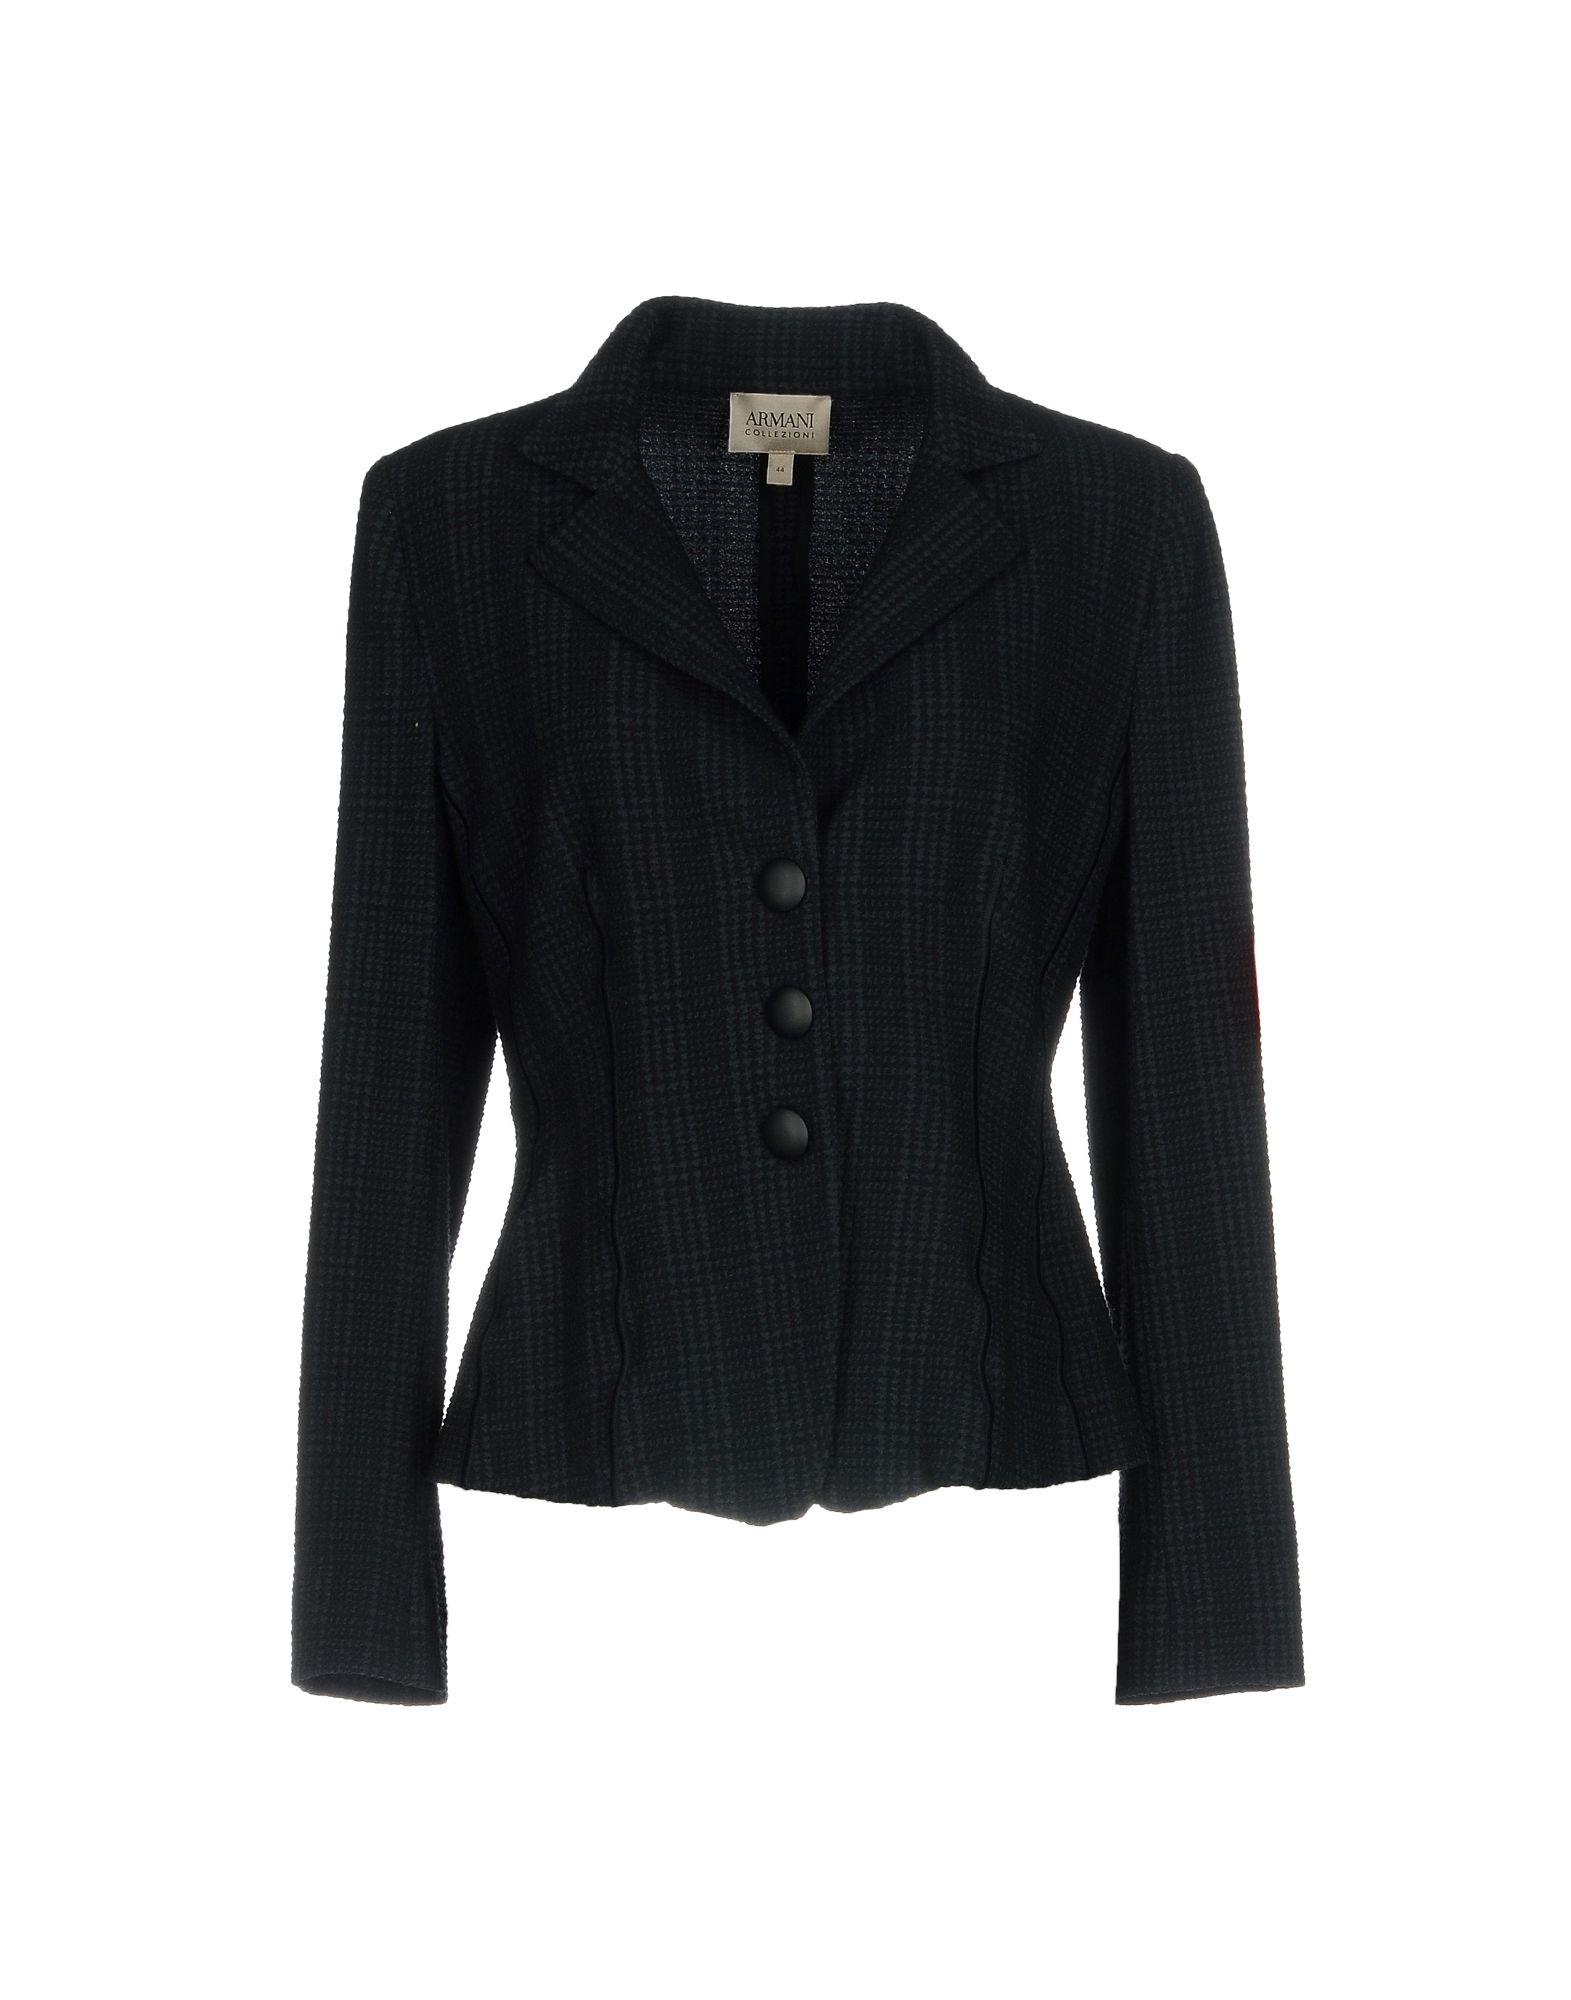 Giacca Armani Collezioni Donna - Acquista online su Te12vsC